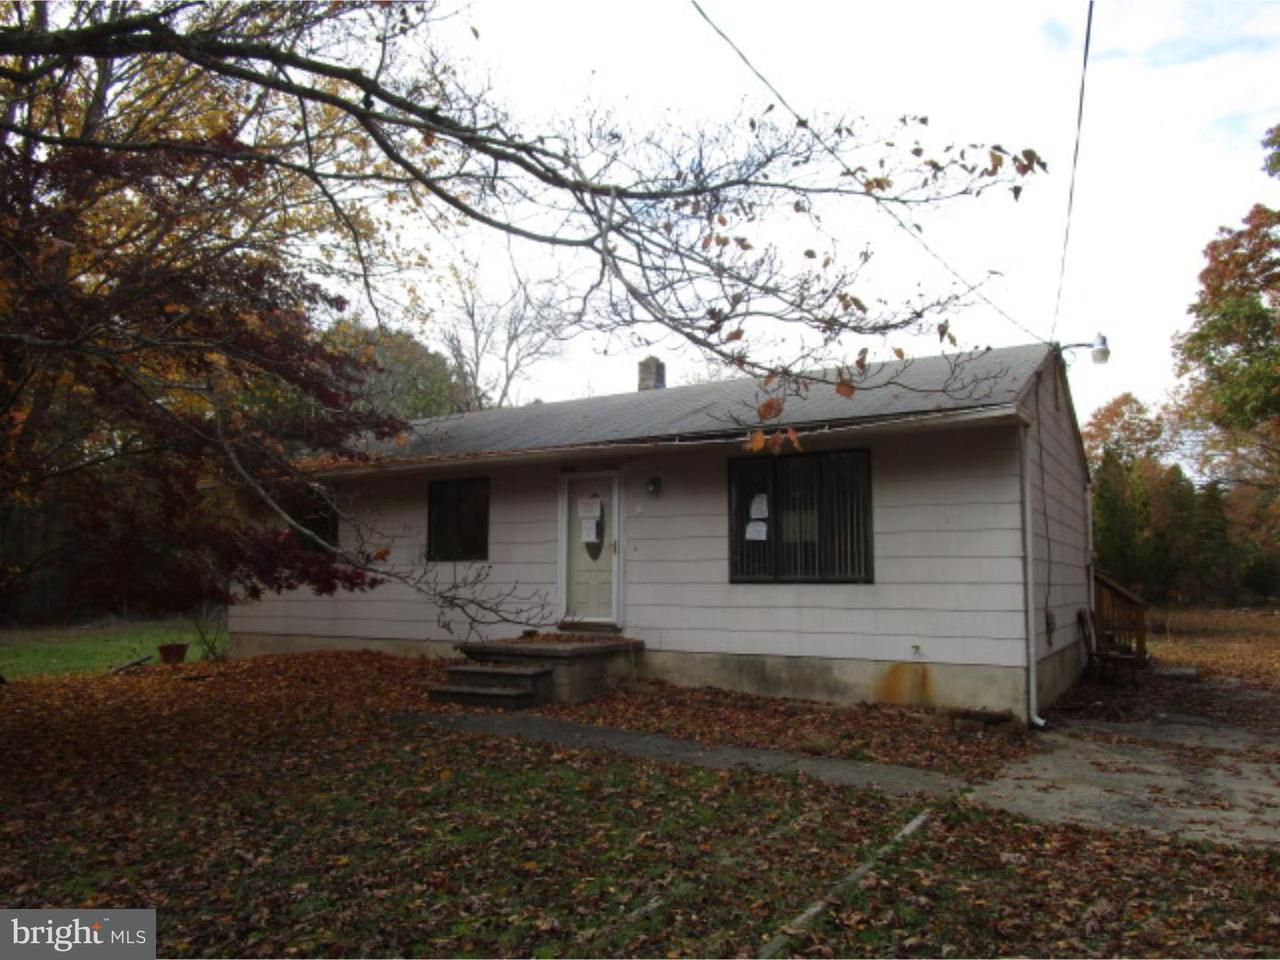 Частный односемейный дом для того Продажа на 1424 14TH Avenue Dorothy, Нью-Джерси 08317 Соединенные Штаты